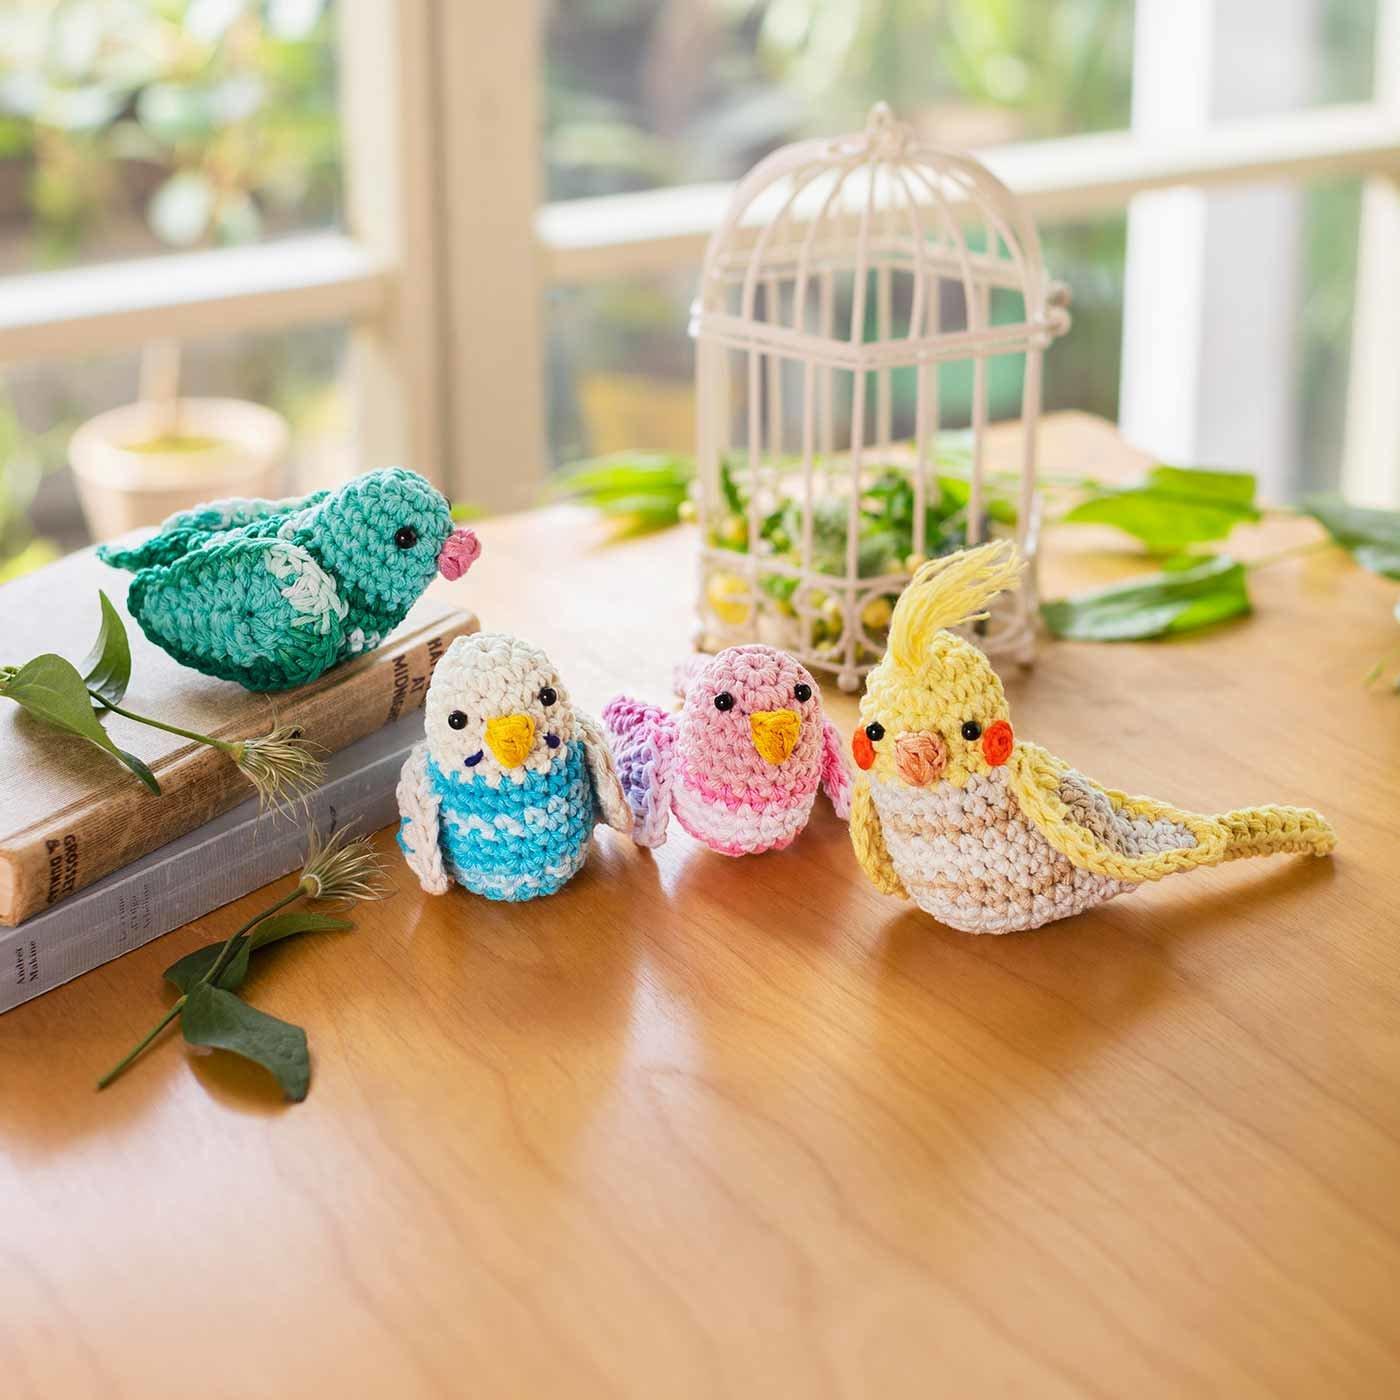 お部屋に遊びに来た フックドゥ エコバルバンテのカラフルな編みぐるみ小鳥の会